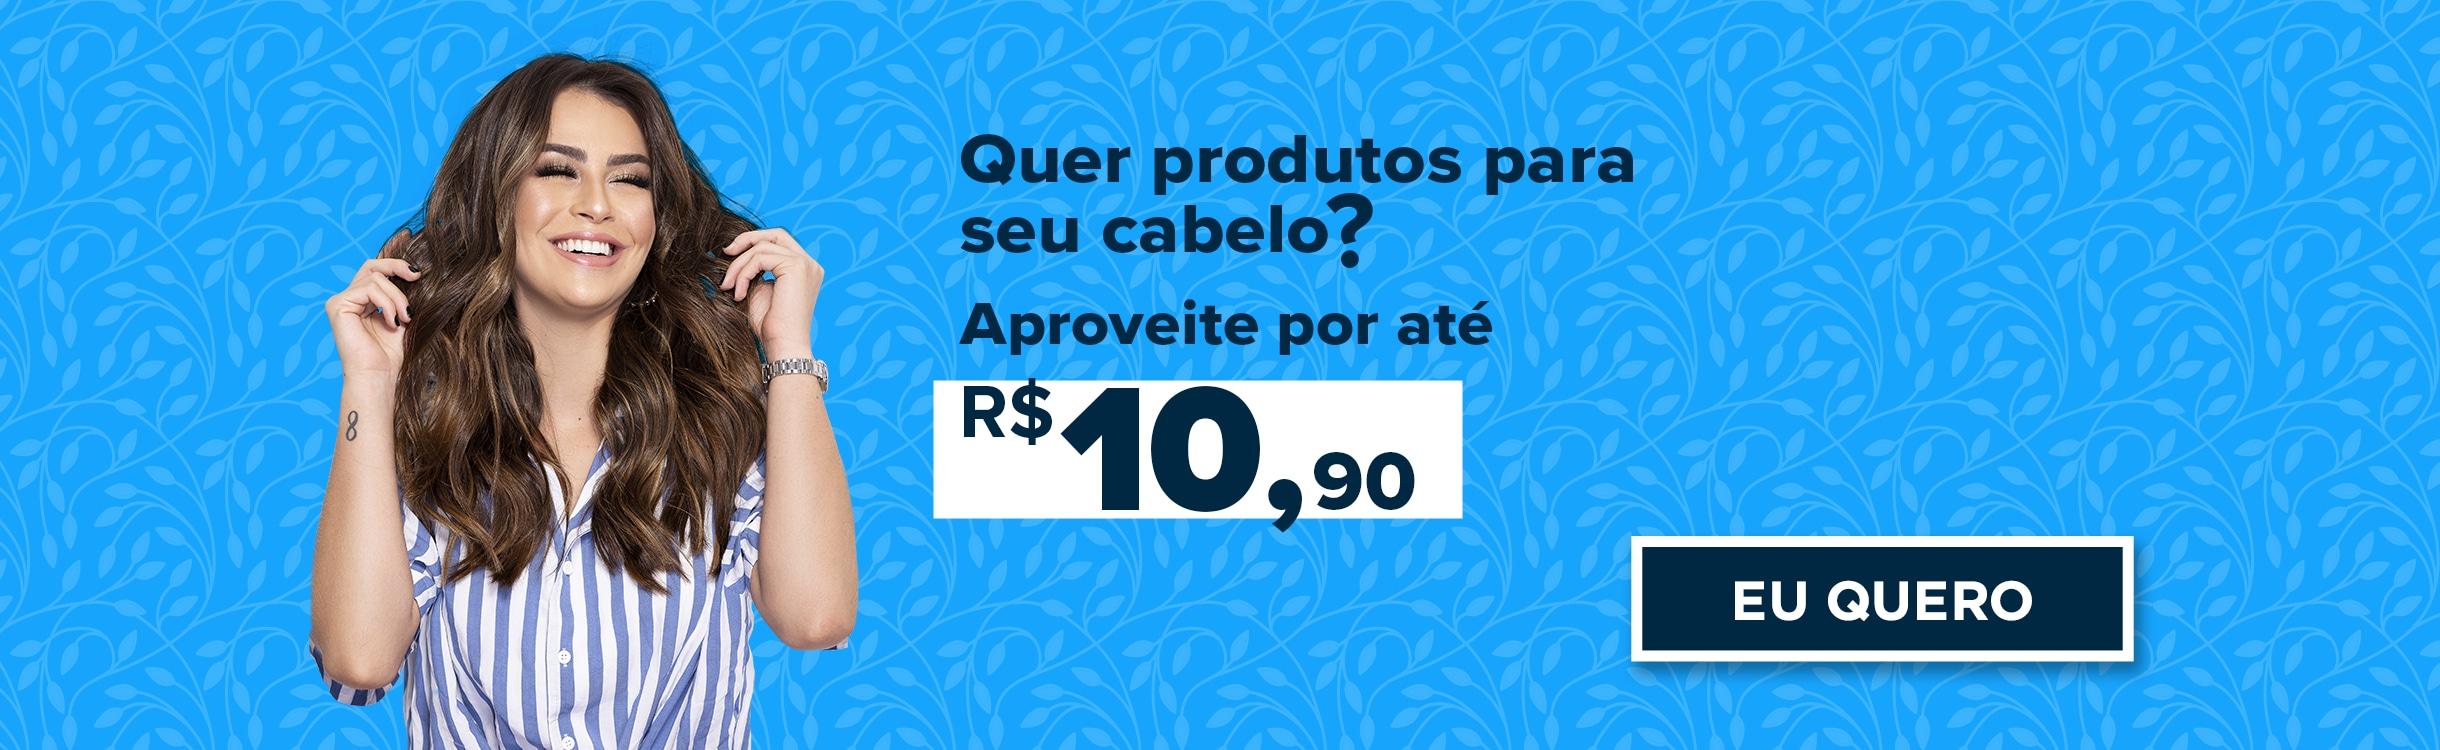 Seleção de Produtos com Preços abaixo de R$10,9